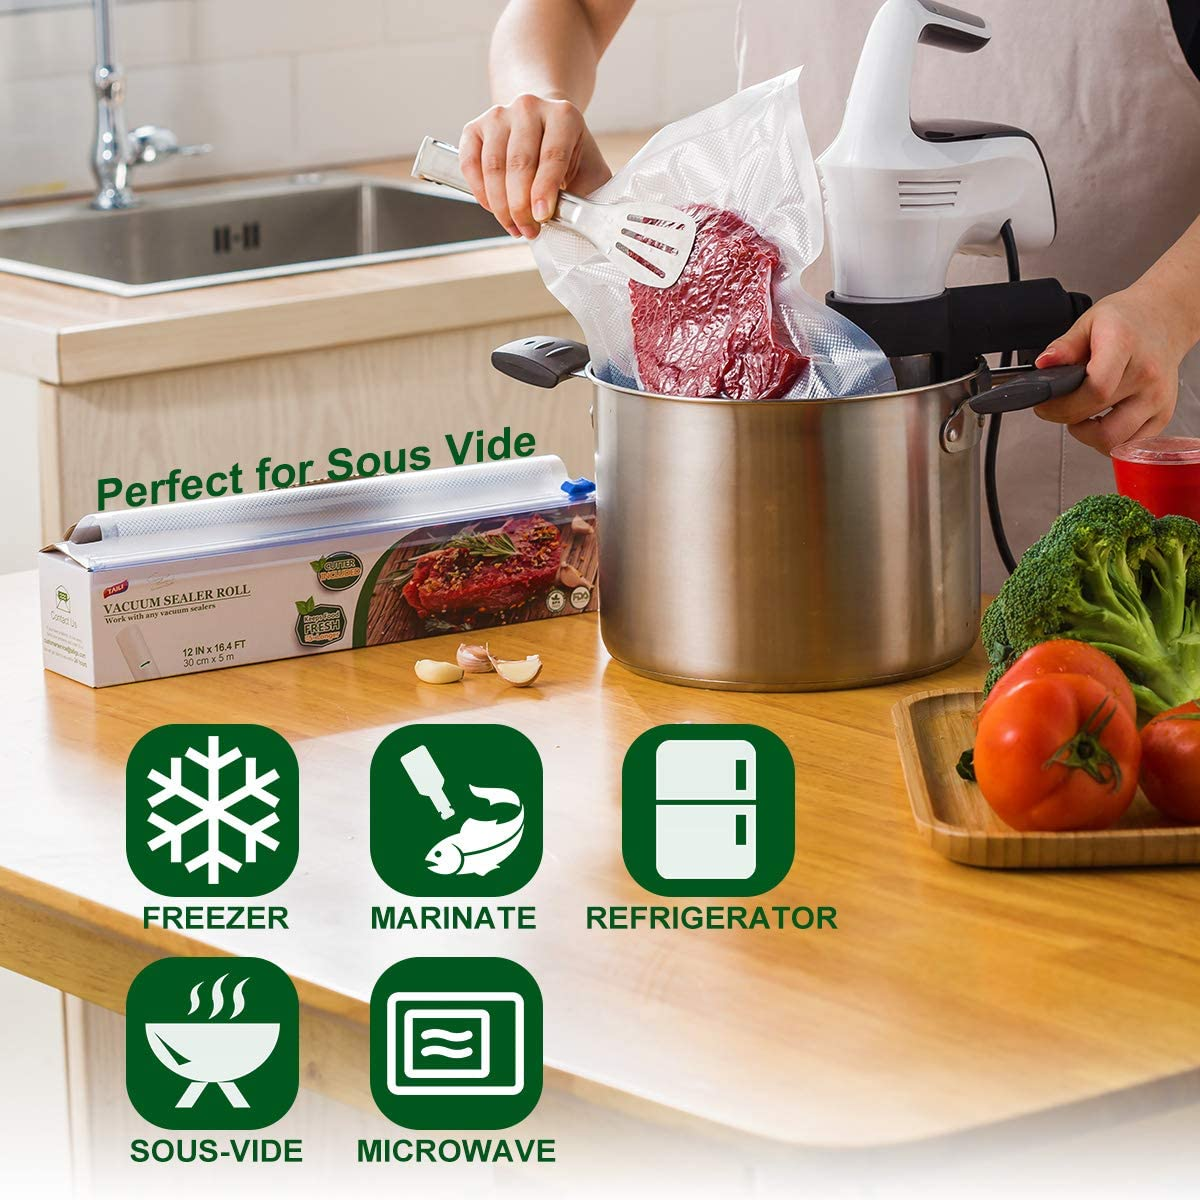 TAILI Sac sous Vide Alimentaire avec Bo/îte de Coupe Pack de 3 Rouleaux 20cmx5M pour Appareil de Mise sous Vide Economiseur de Nourriture et sous Vide Cuisine sans BPA Approuv/é par la FDA